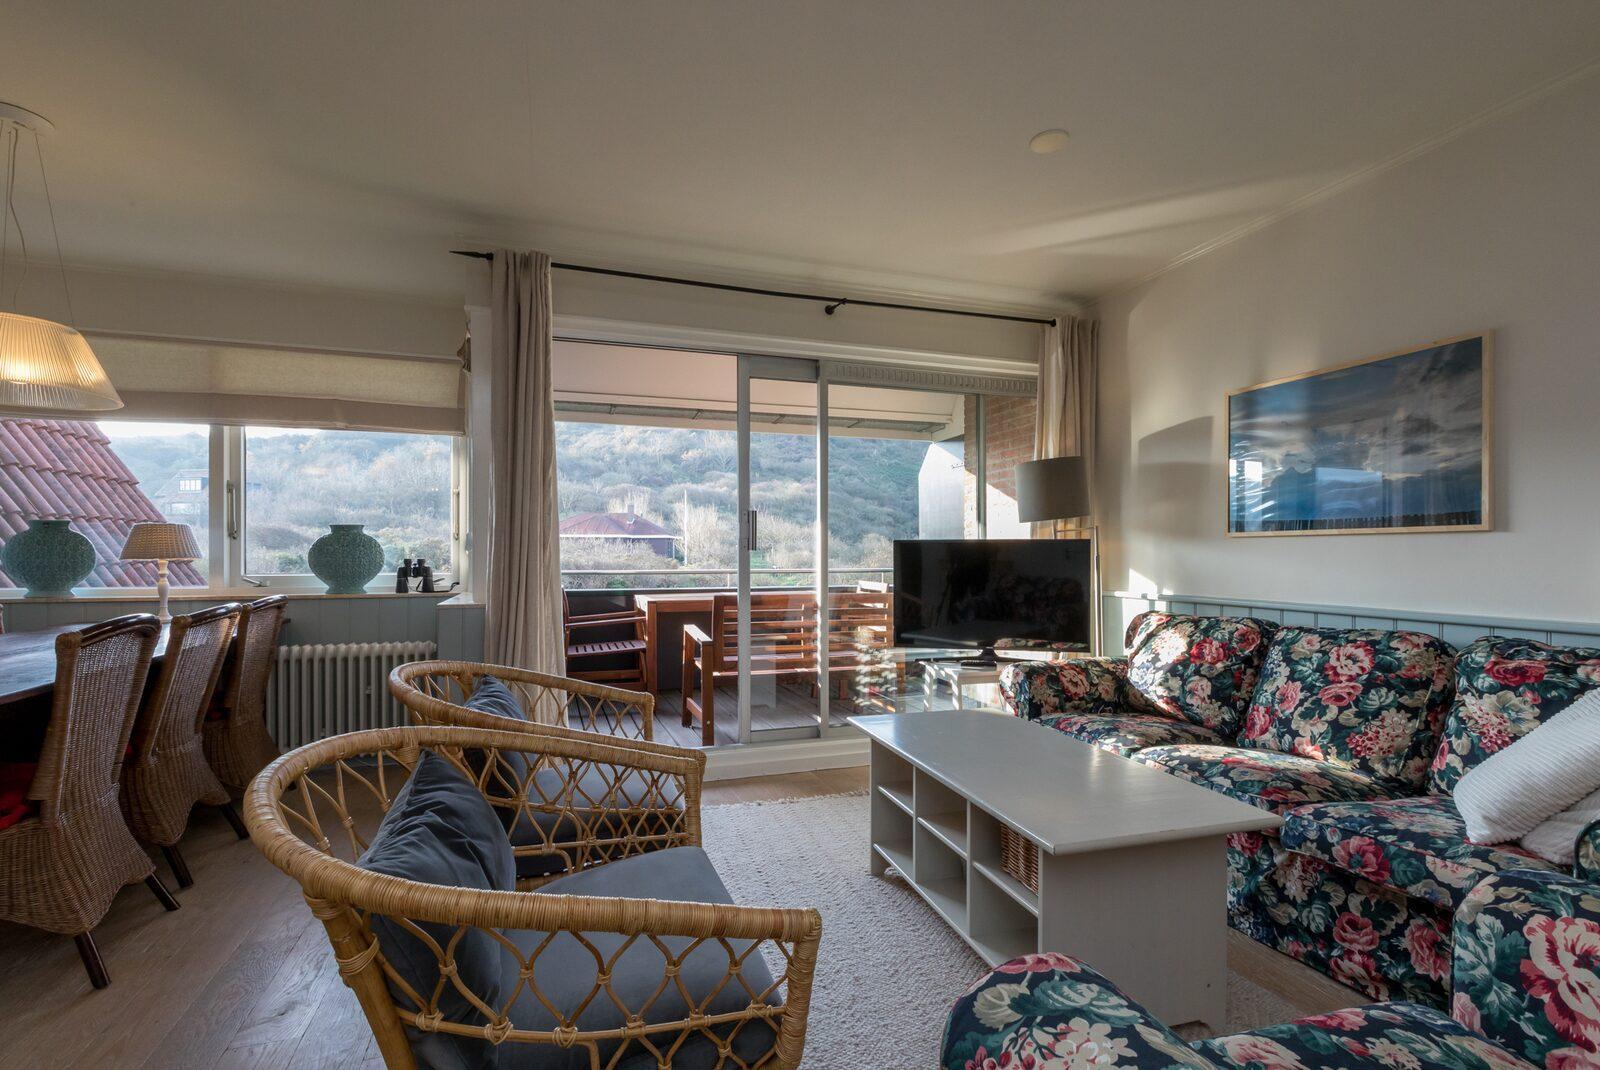 Ferienhaus für 5 Personen ca 71 m² in Zoutelande Zeeland Küste von Zeeland